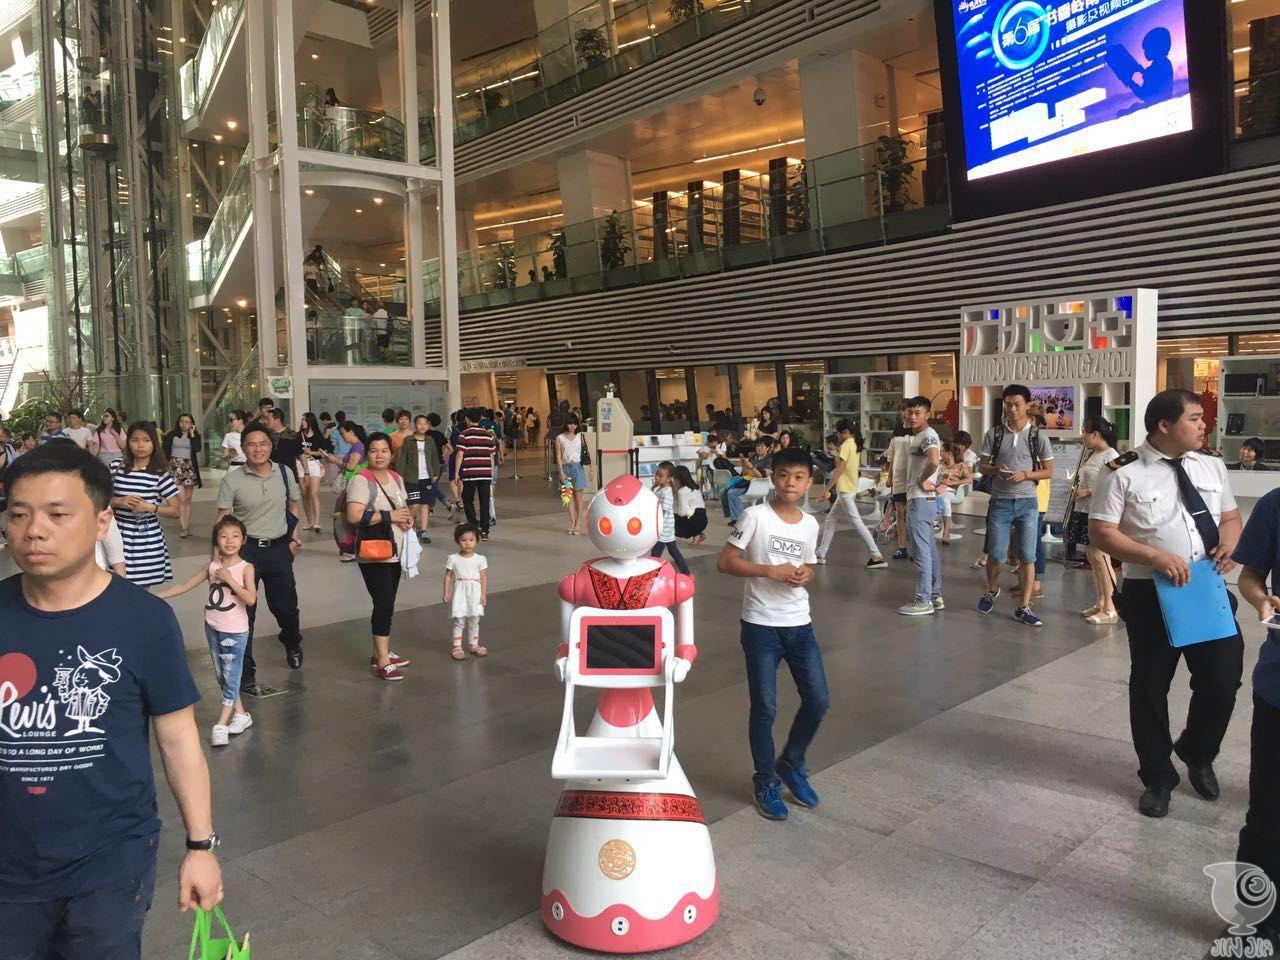 广州2016国际博物馆日,ANDY带你重走千年海上丝绸之路